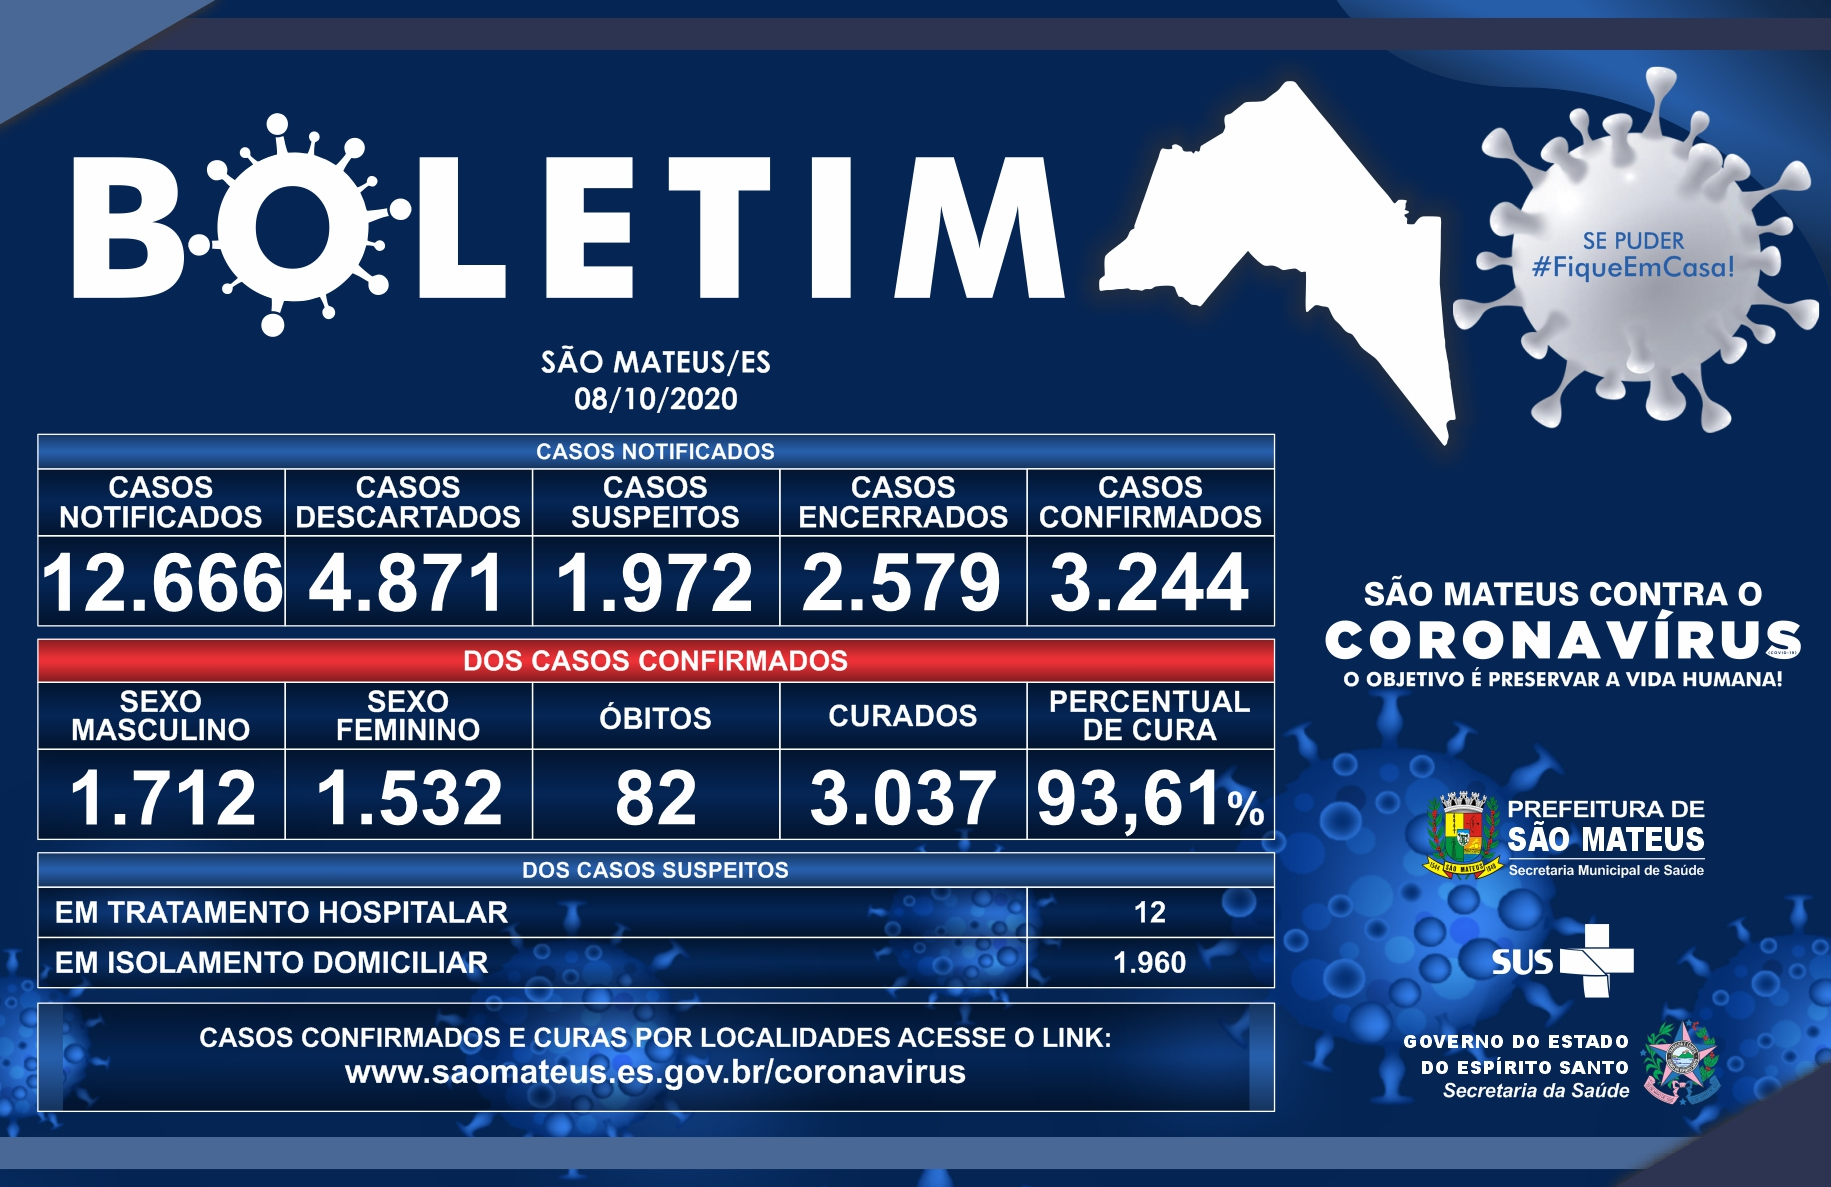 SÃO MATEUS CHEGA A 3.244 CASOS CONFIRMADOS DE CORONAVÍRUS